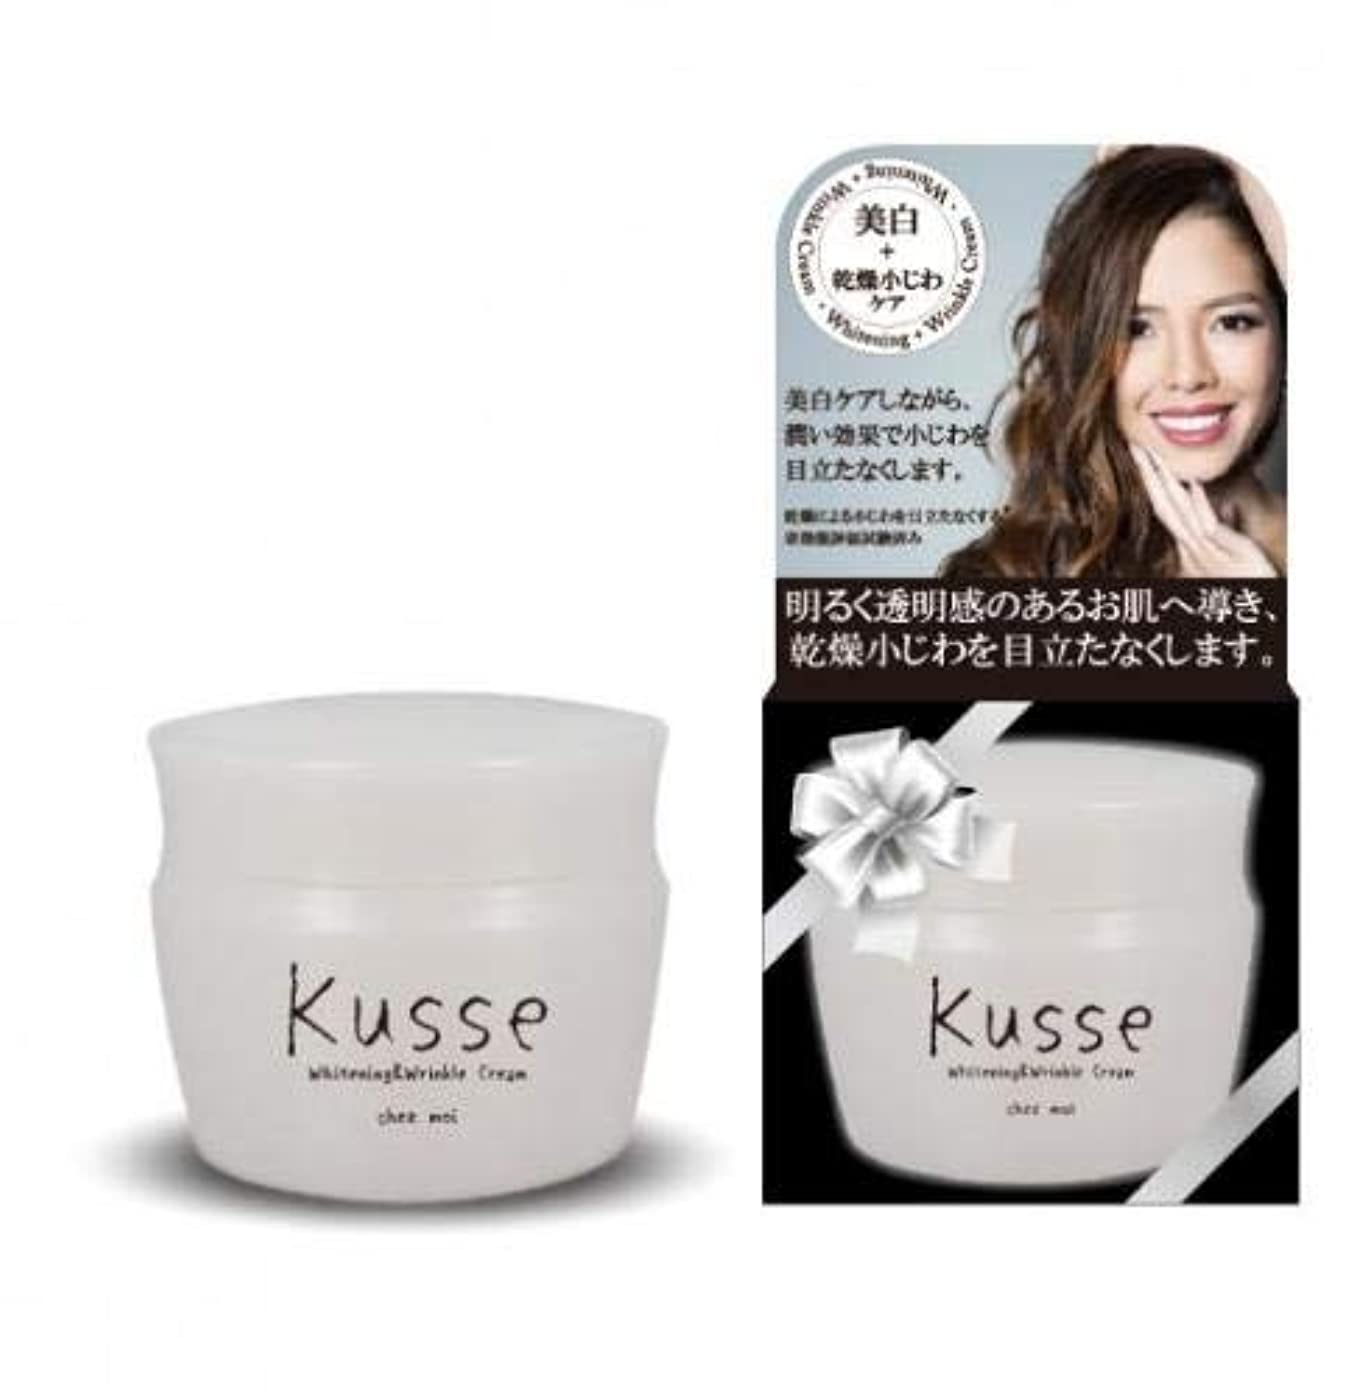 ビーズ床を掃除する飢えたシェモア 薬用 Kusse(キュセ) Whitening&Wrinkle Cream クリーム 30g